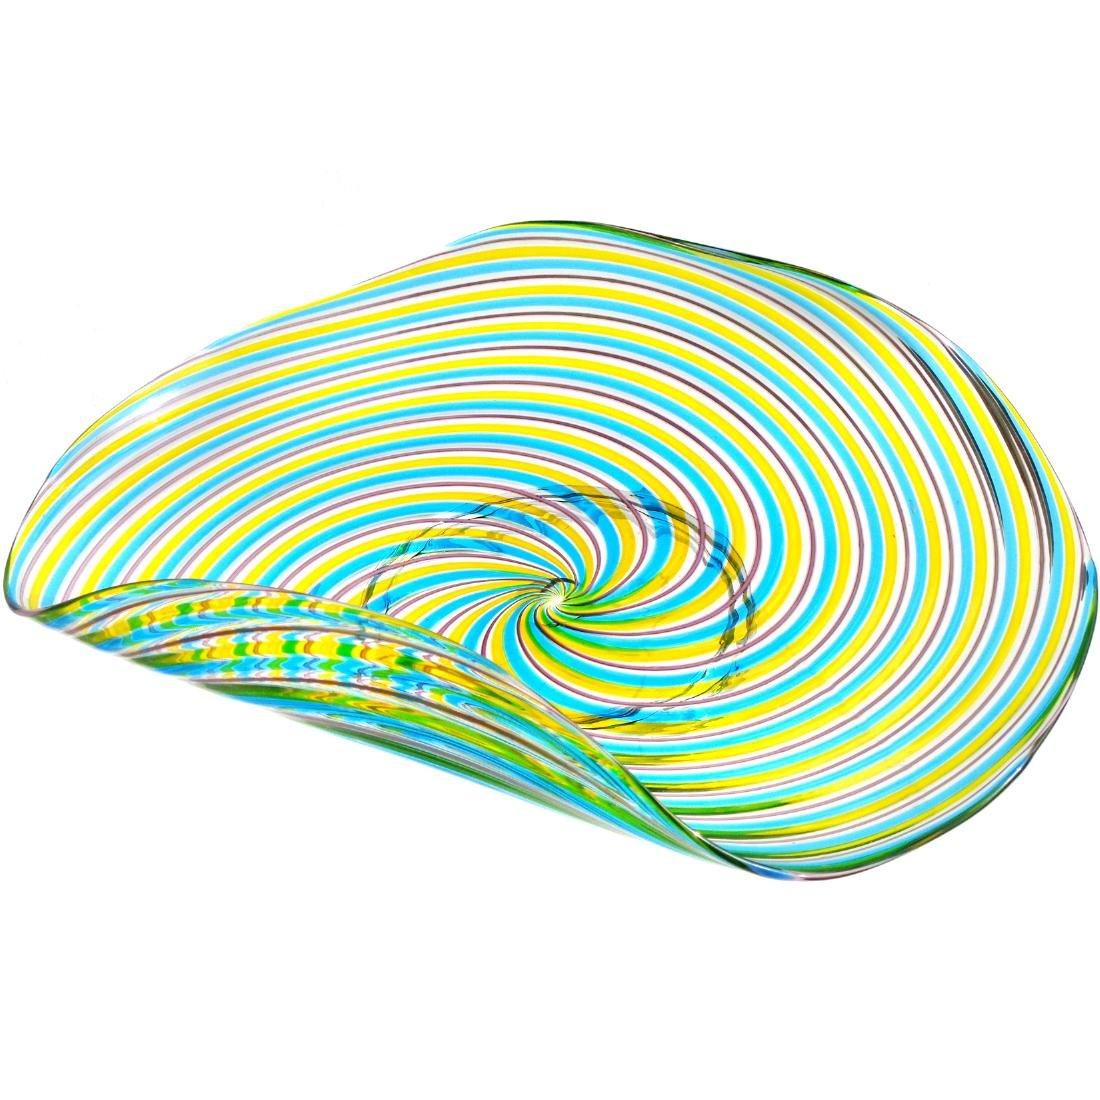 Pauly Venezia Murano Swirl Ribbons Art Glass Bowl - 6